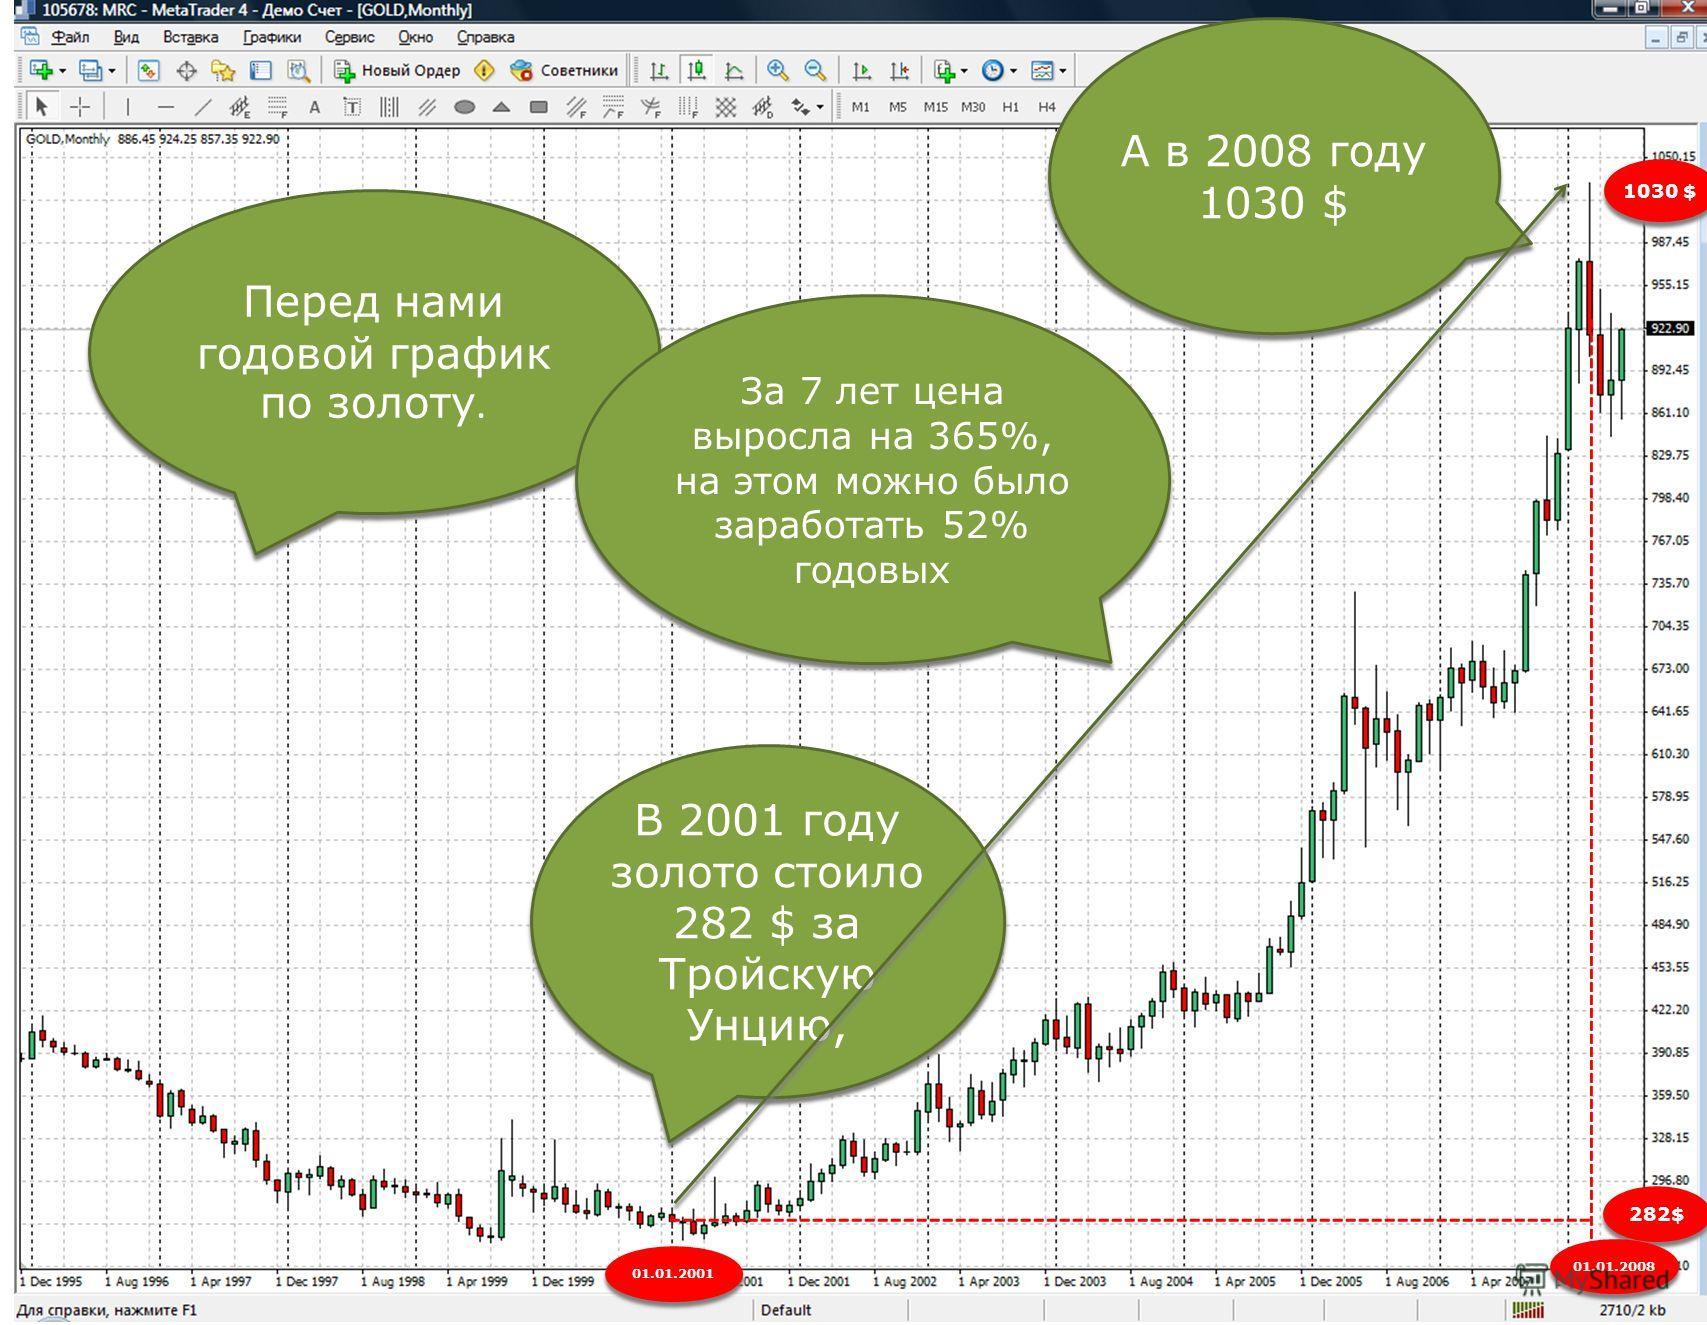 Перед нами годовой график по золоту. Перед нами годовой график по золоту. В 2001 году золото стоило 282 $ за Тройскую Унцию, 282$ 01.01.2001 А в 2008 году 1030 $ 1030 $ 01.01.2008 За 7 лет цена выросла на 365%, на этом можно было заработать 52% годов